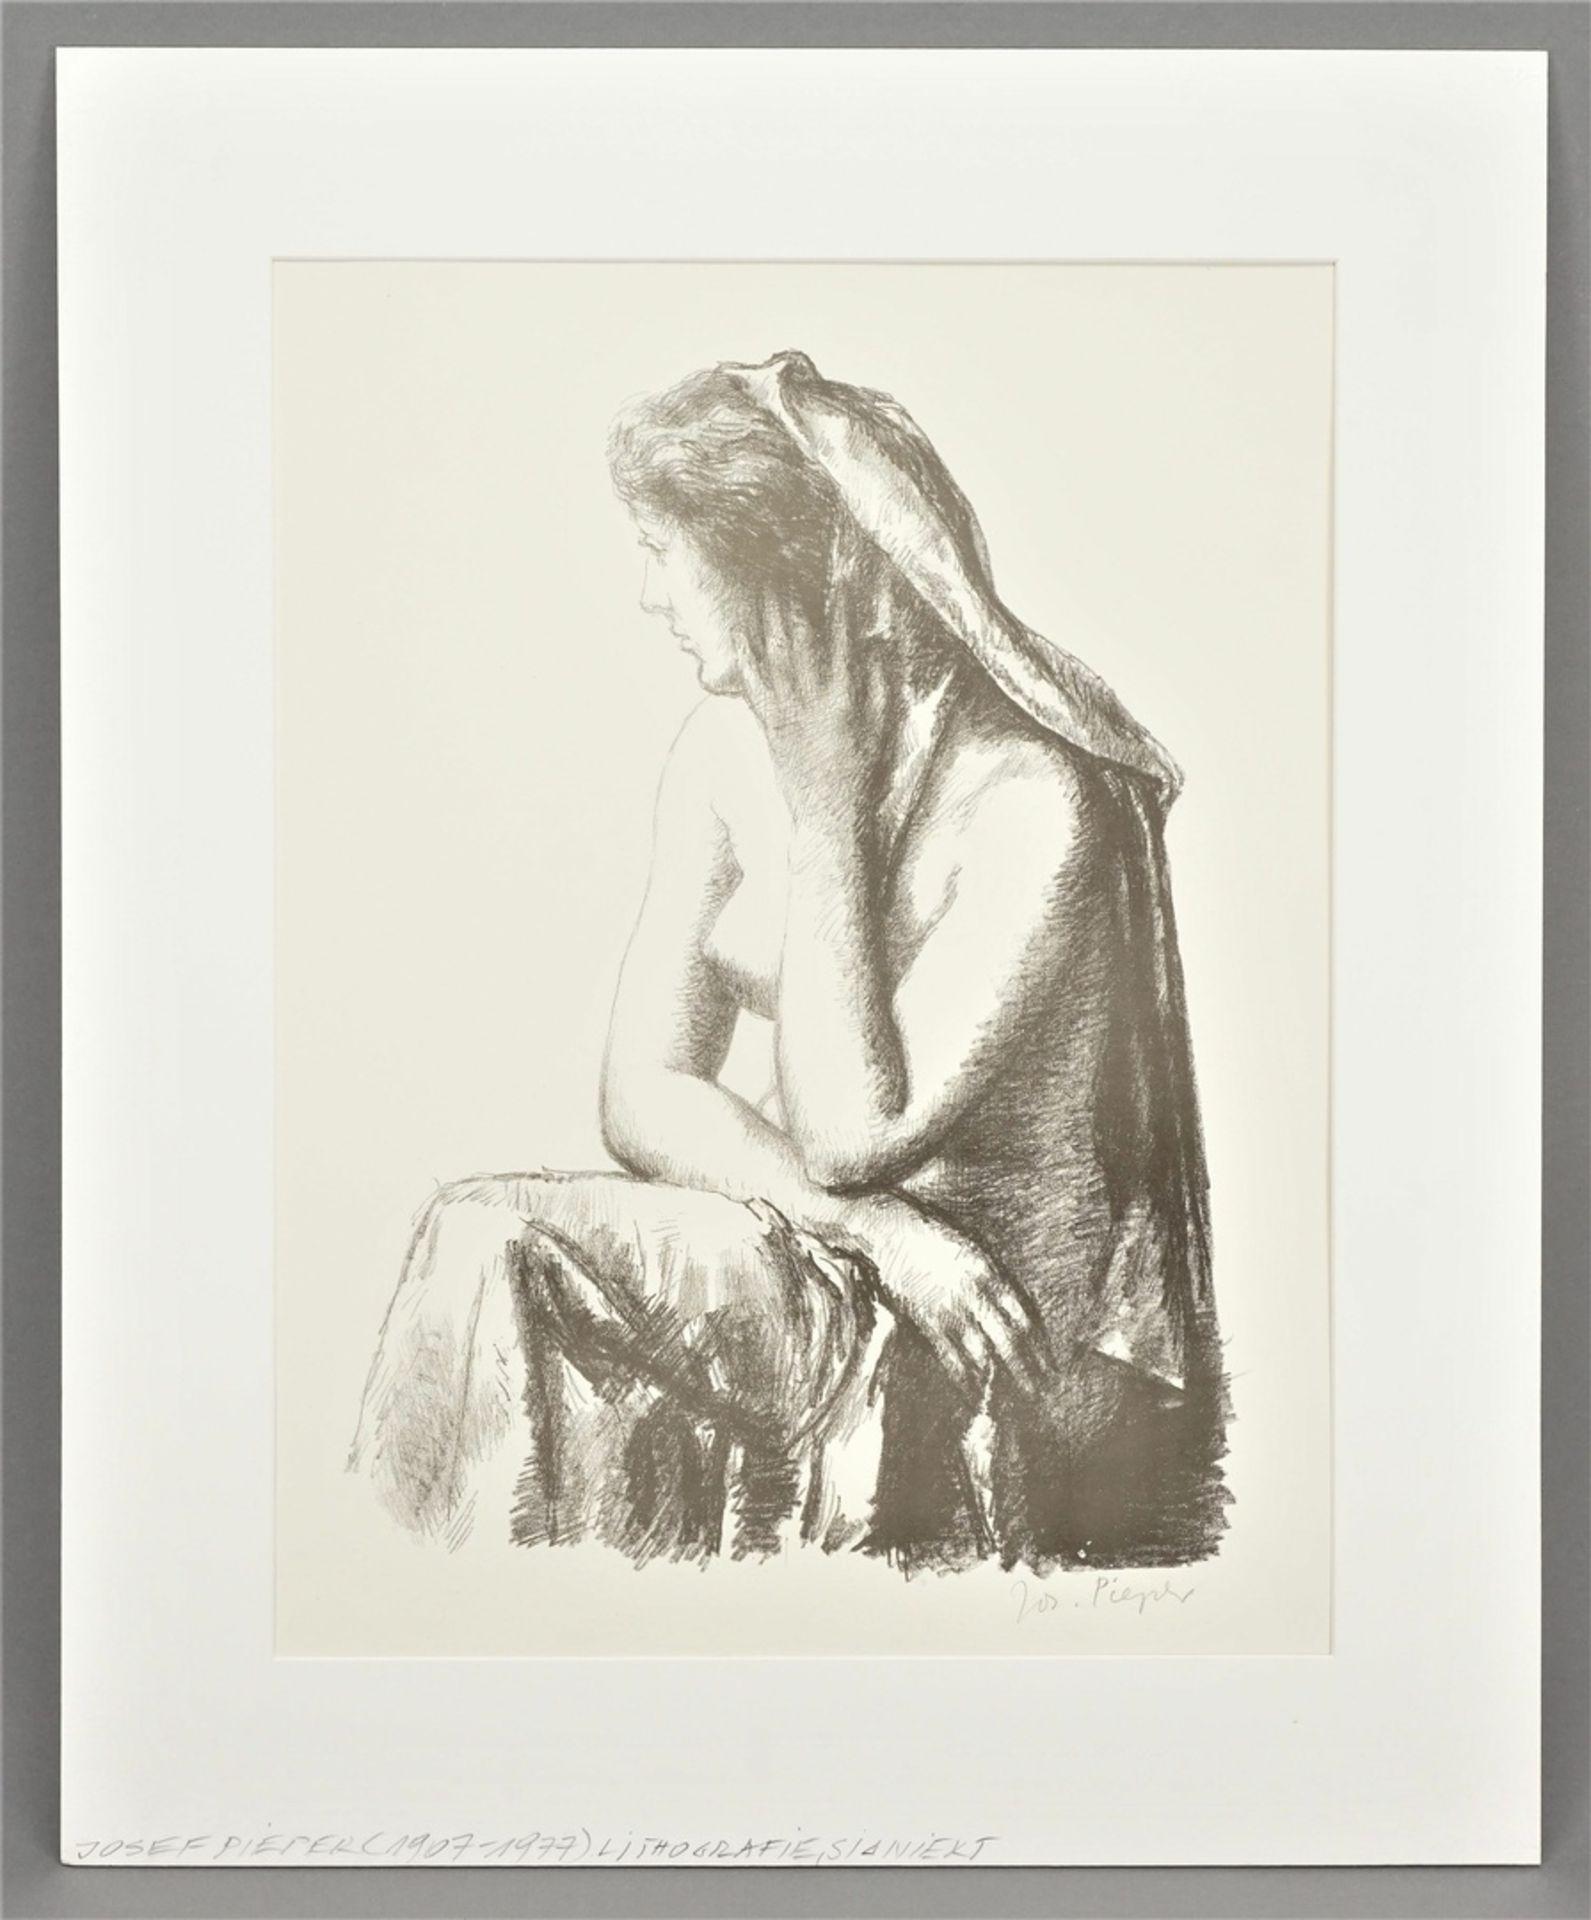 Josef Pieper, Sitzender weiblicher Halbakt mit Tuch - Bild 2 aus 4